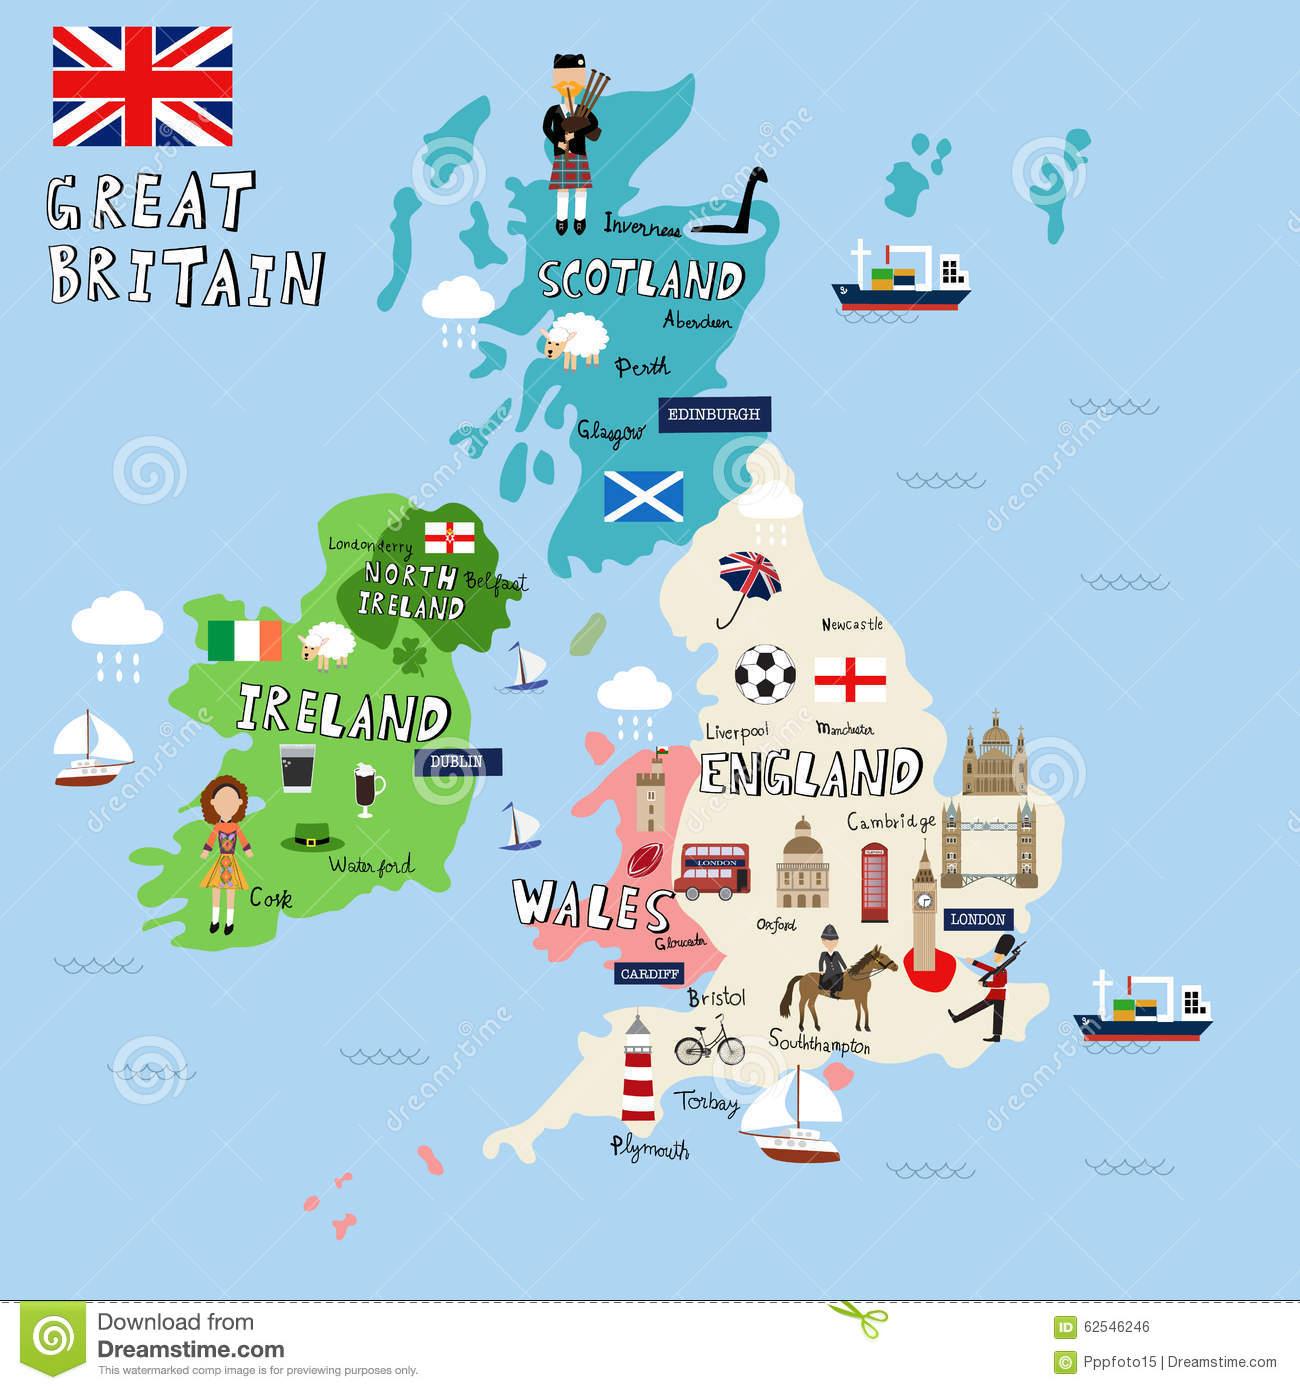 Lavoro retribuito nel Regno Unito